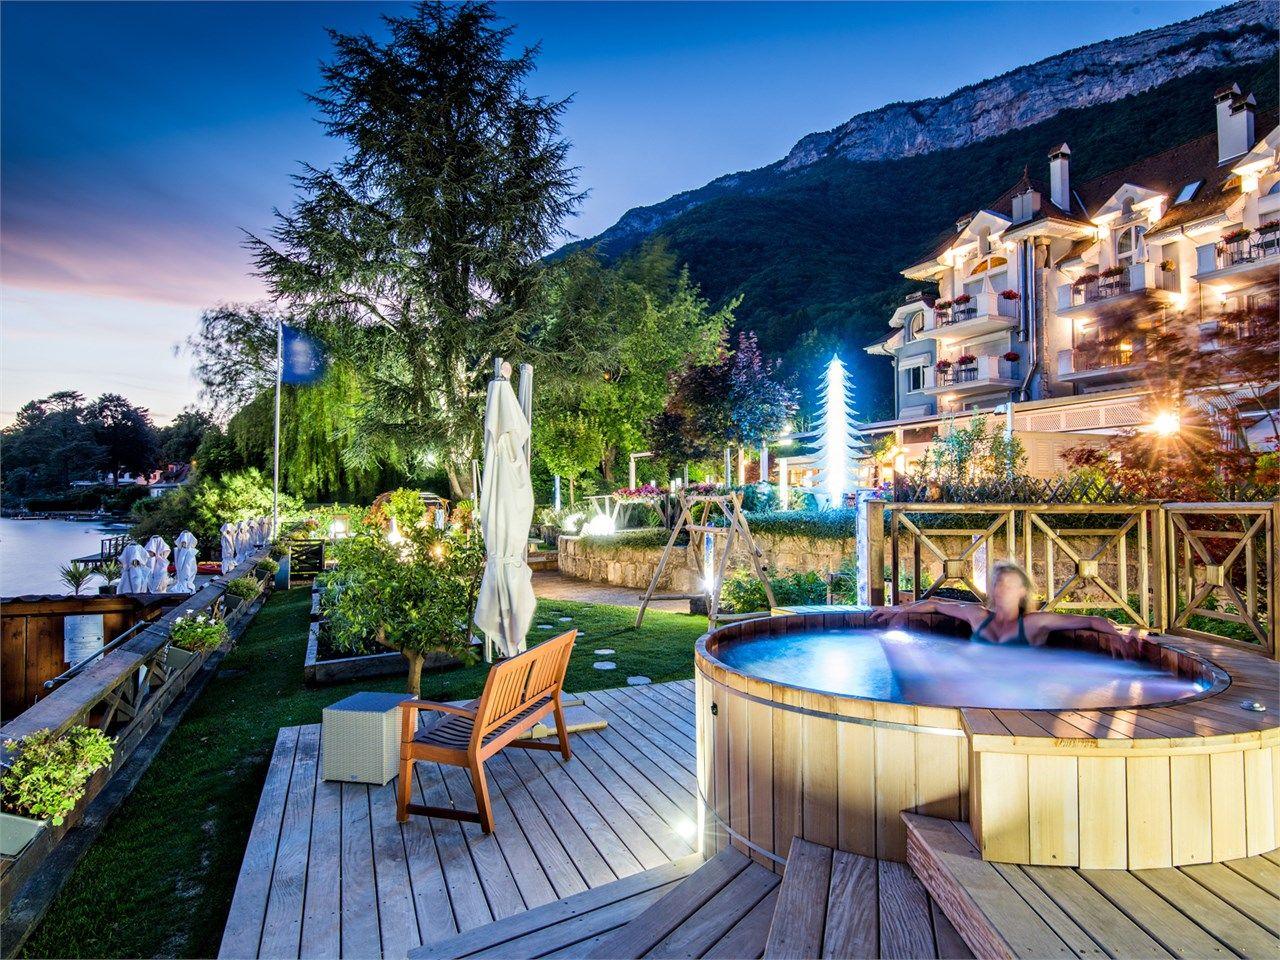 Galerie Photos, hotel restaurant Yoann Conte, Annecy | Chalet Spa ...